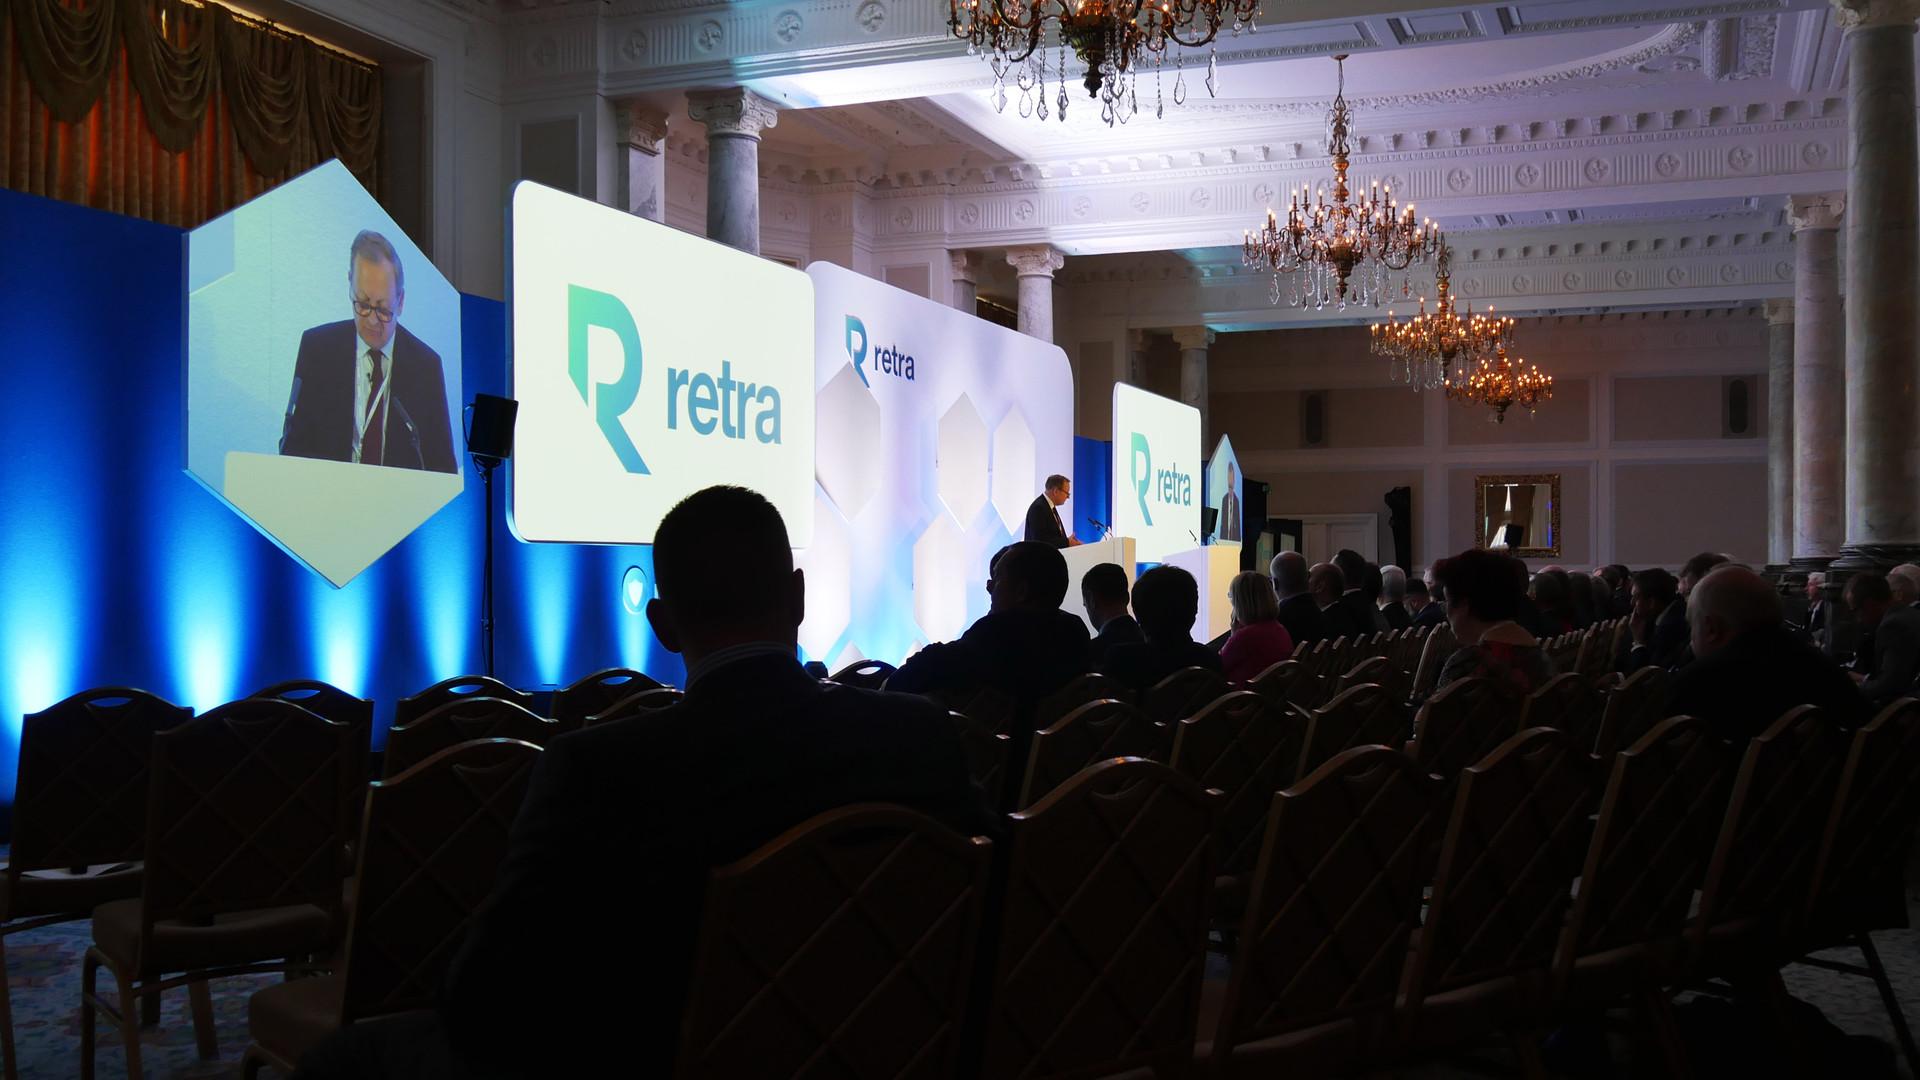 Retra Conference